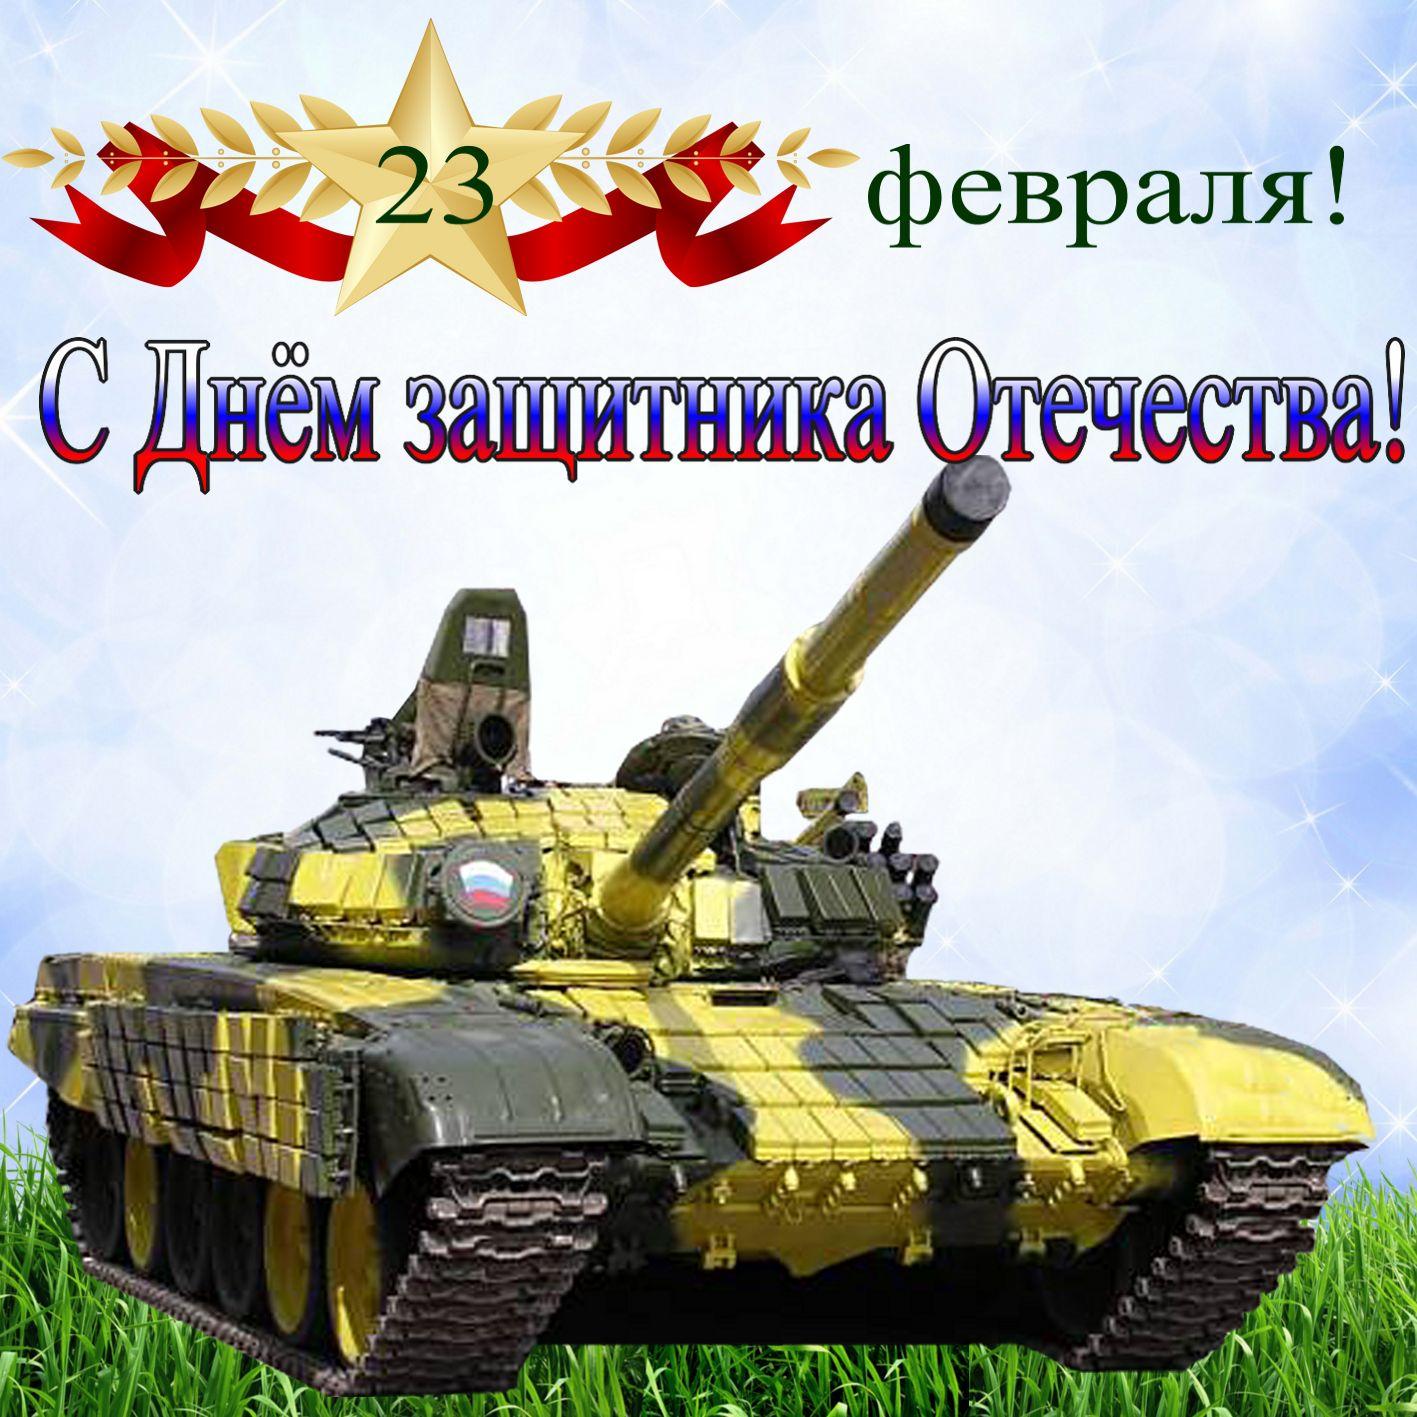 Картинки танков для открытки, нов год открытка